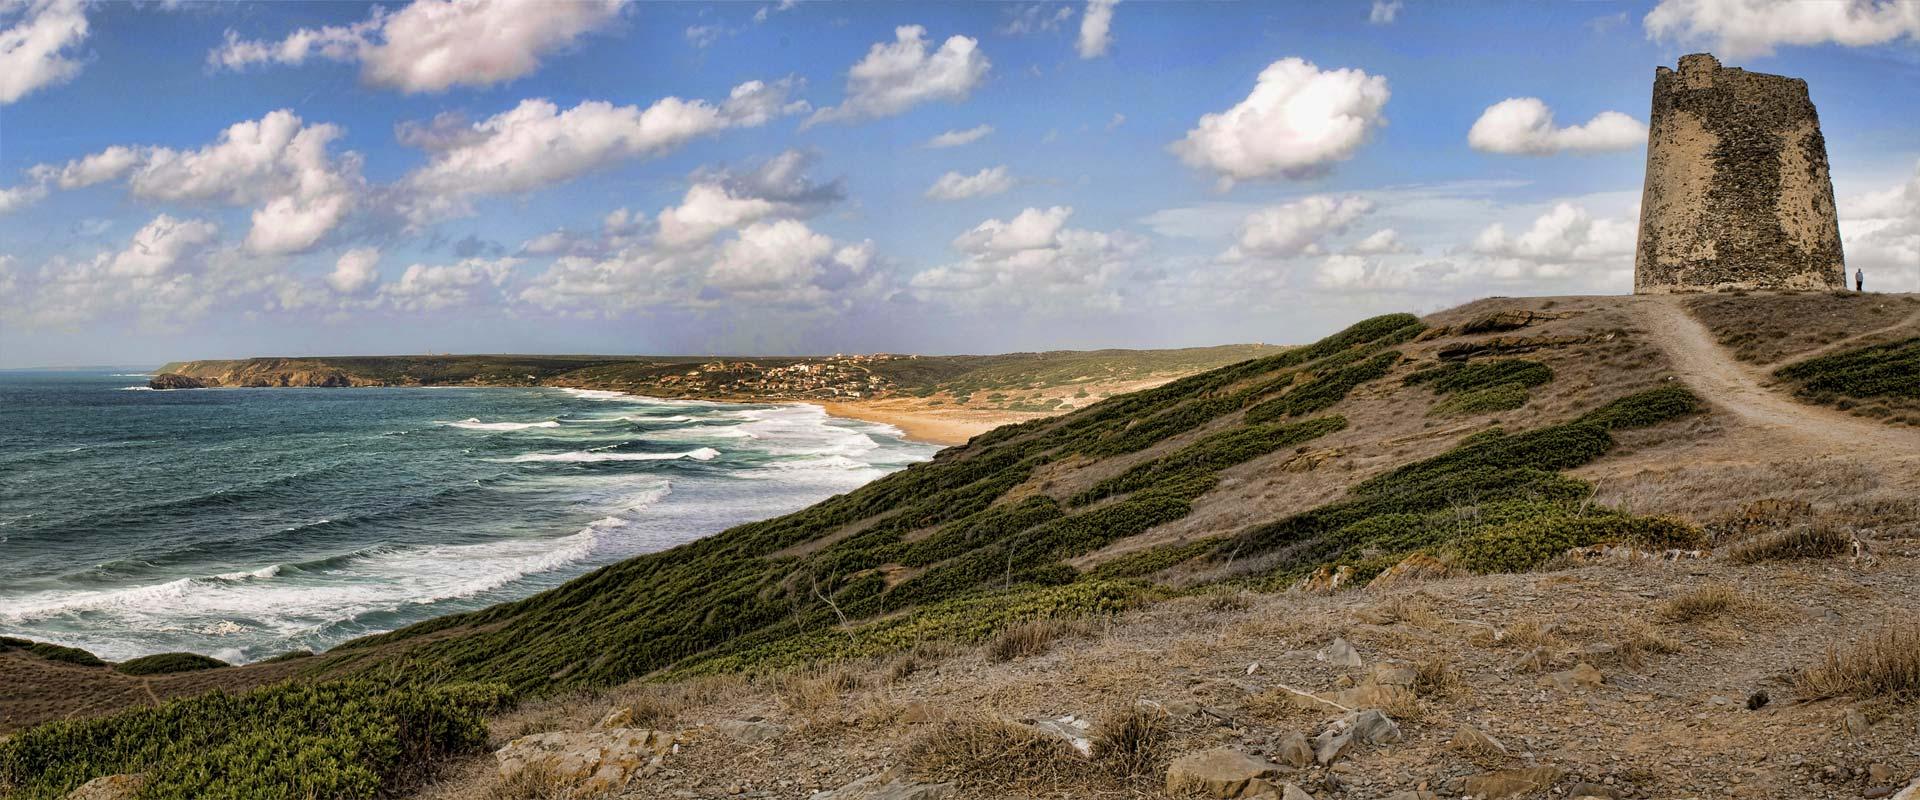 Passare le vacanze in Sardegna: destinazione Costa Verde